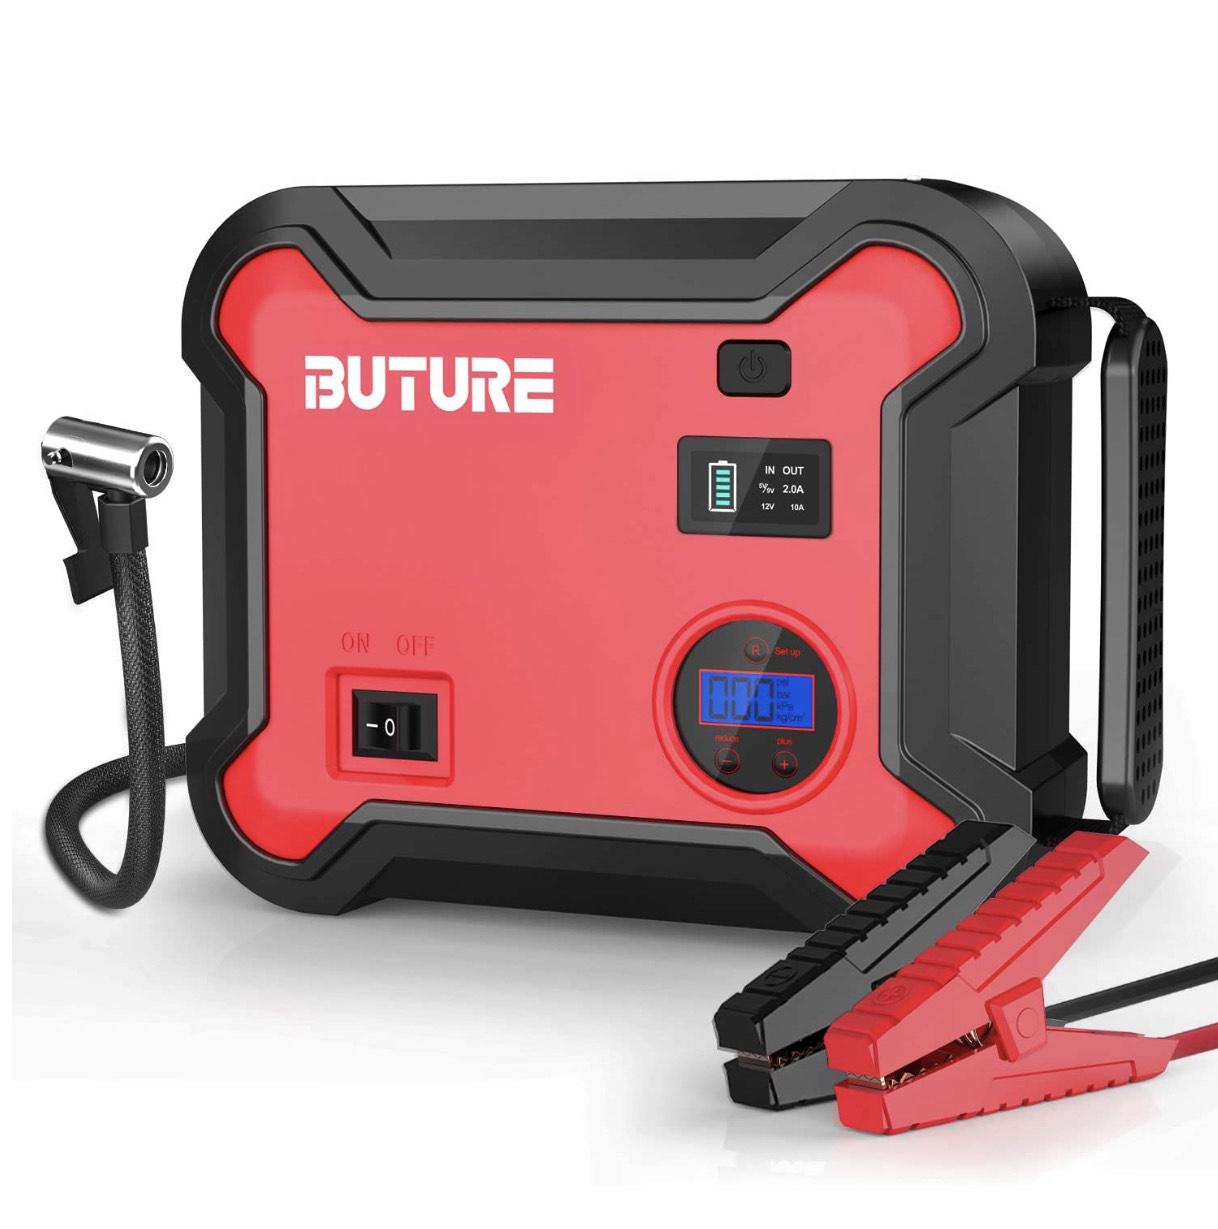 Booster Batterie et Compresseur d'air Portatif BuTure - 2500A / 23800mA (Via Coupon - Vendeur Tiers)